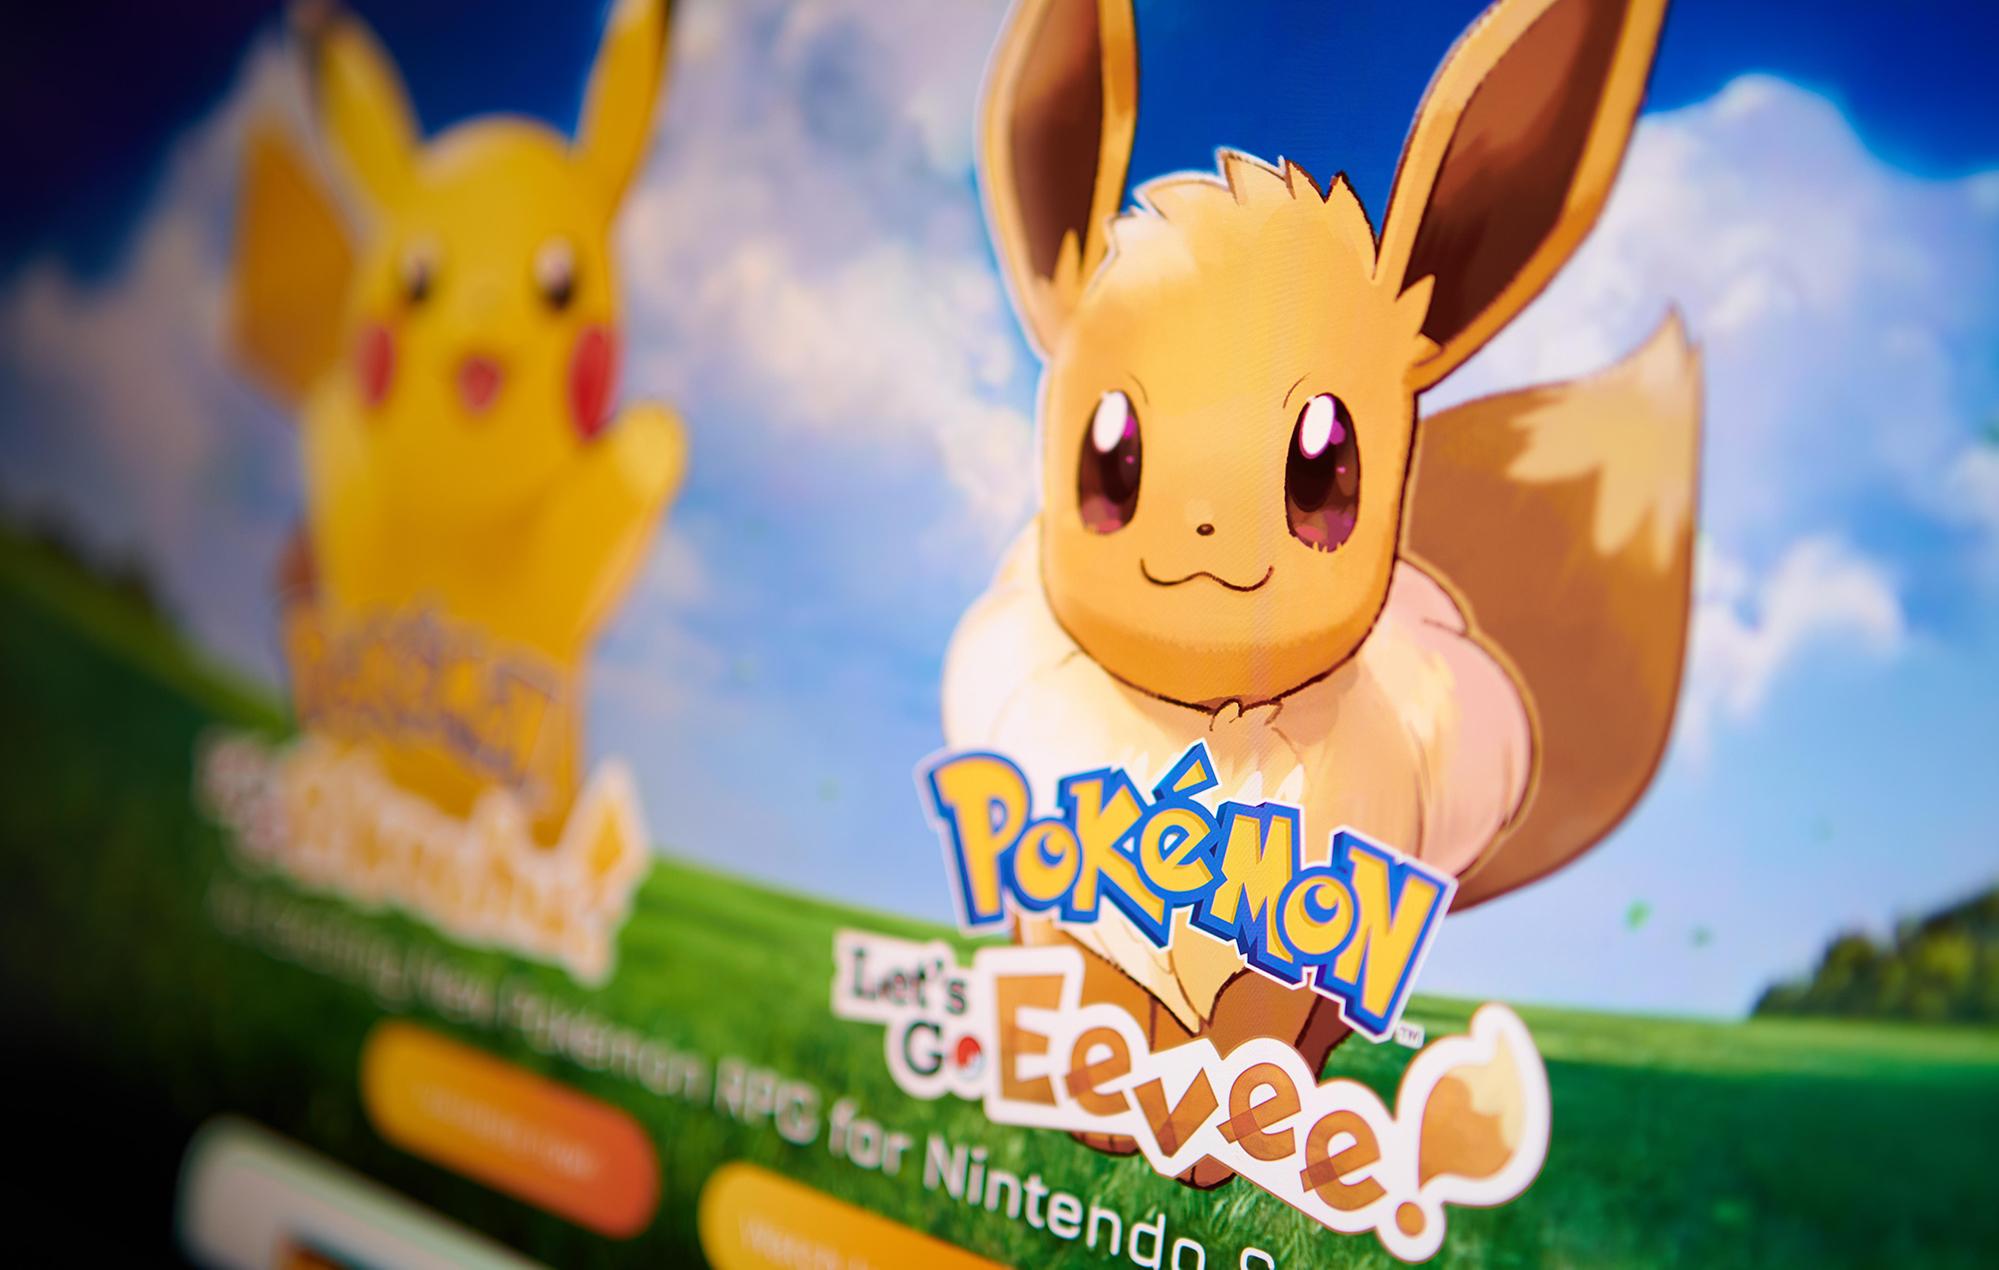 Pokémon: Let's Go, Eevee! leak